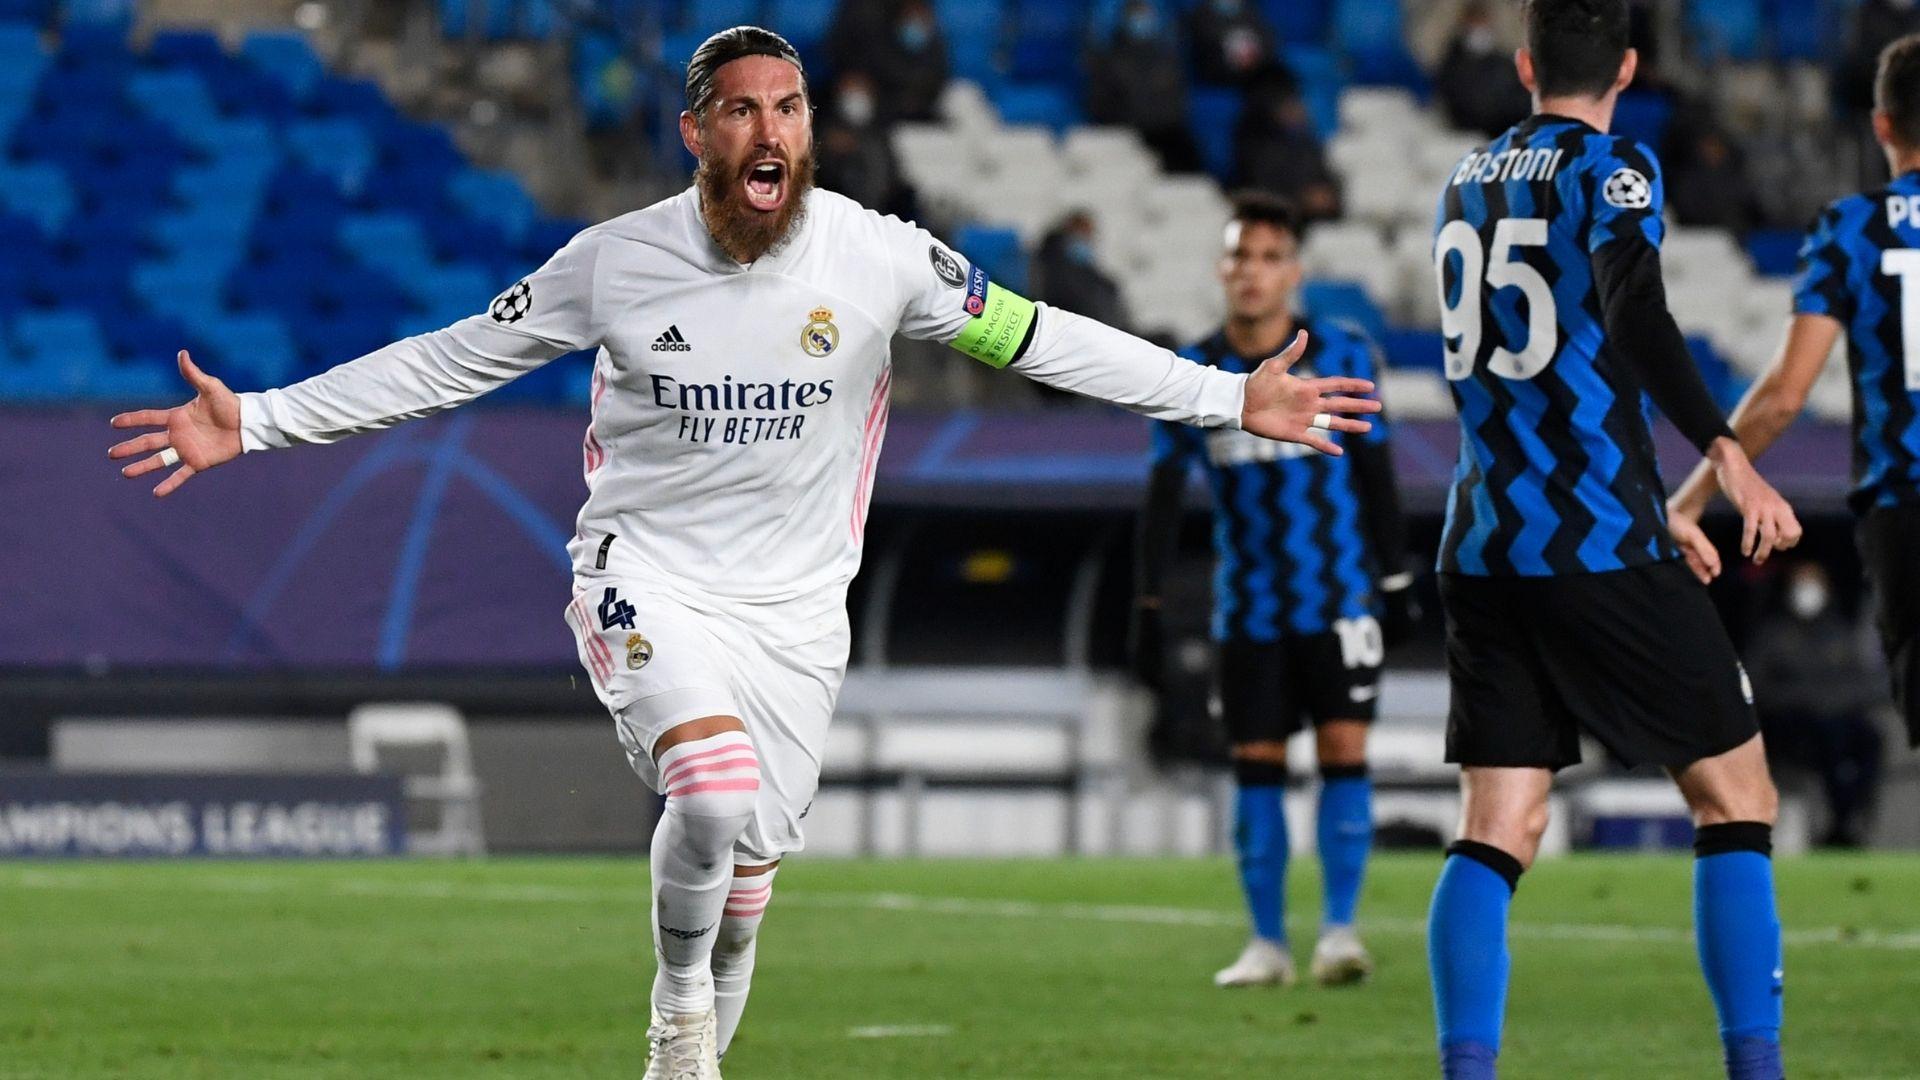 Dónde ver en directo online Inter de Milán vs. Real Madrid de la Champions  League 2020-2021: Dónde ver, TV, canal y Streaming | Goal.com